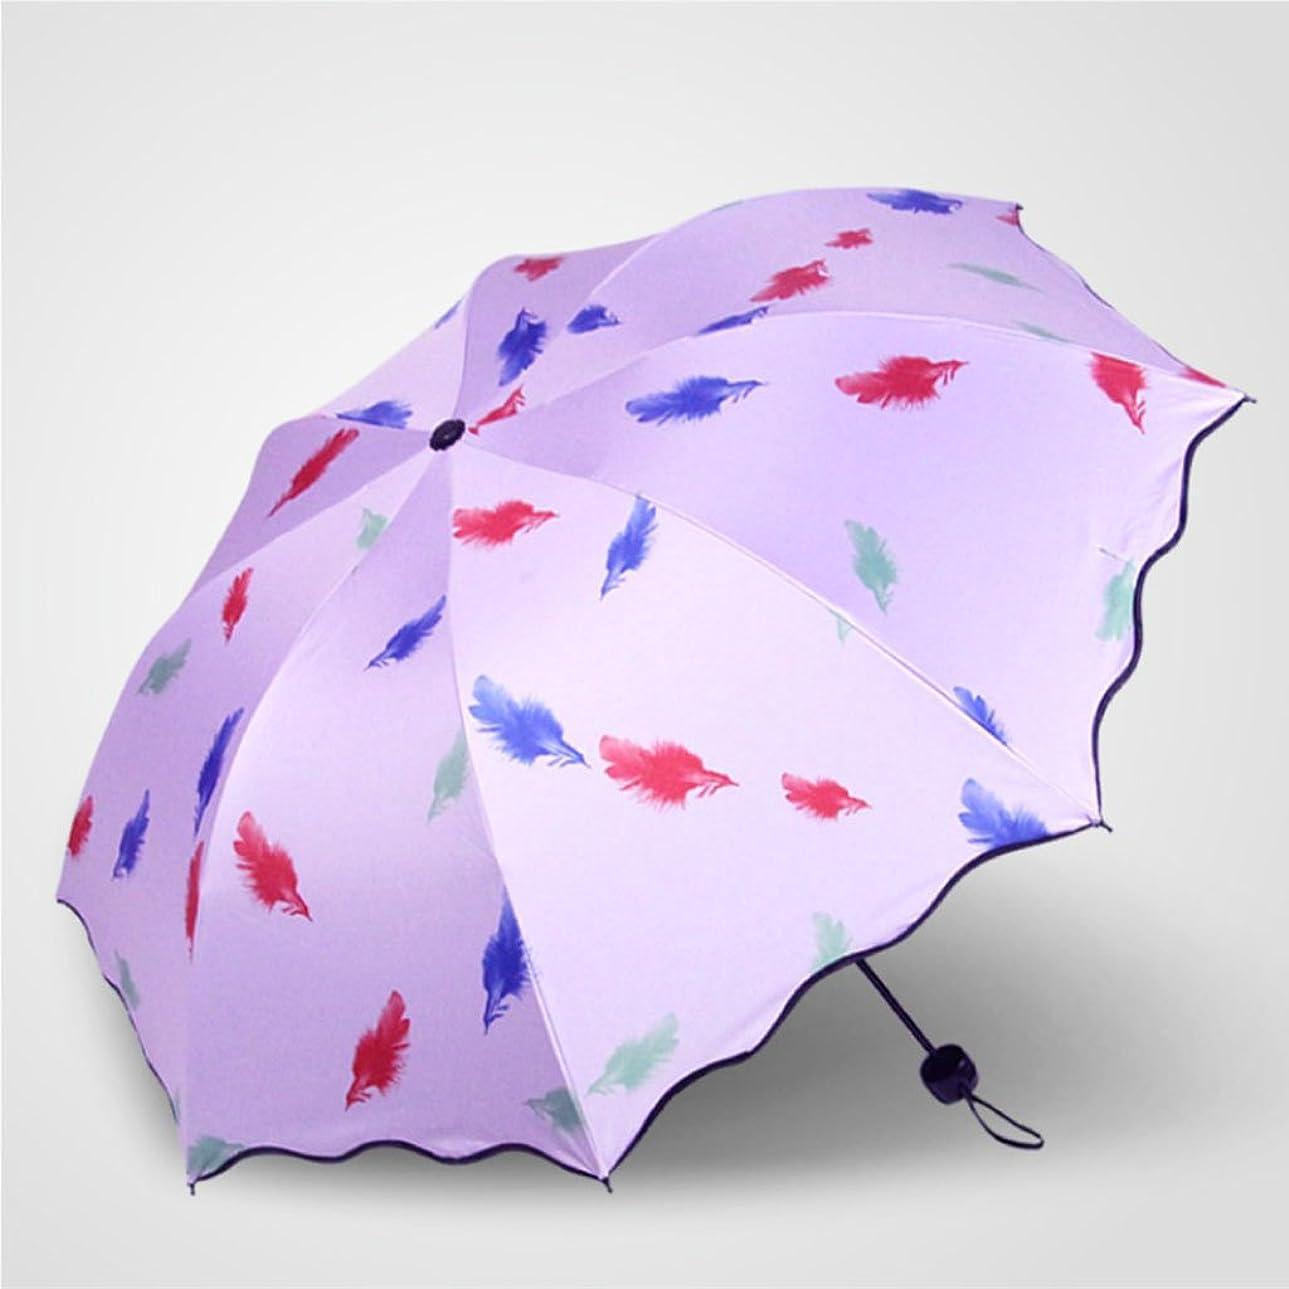 人類外観カバーロータスレース黒プラスチック羽毛プリント日焼け止めUV雨と雨傘 ズトイビー (Color : #6)